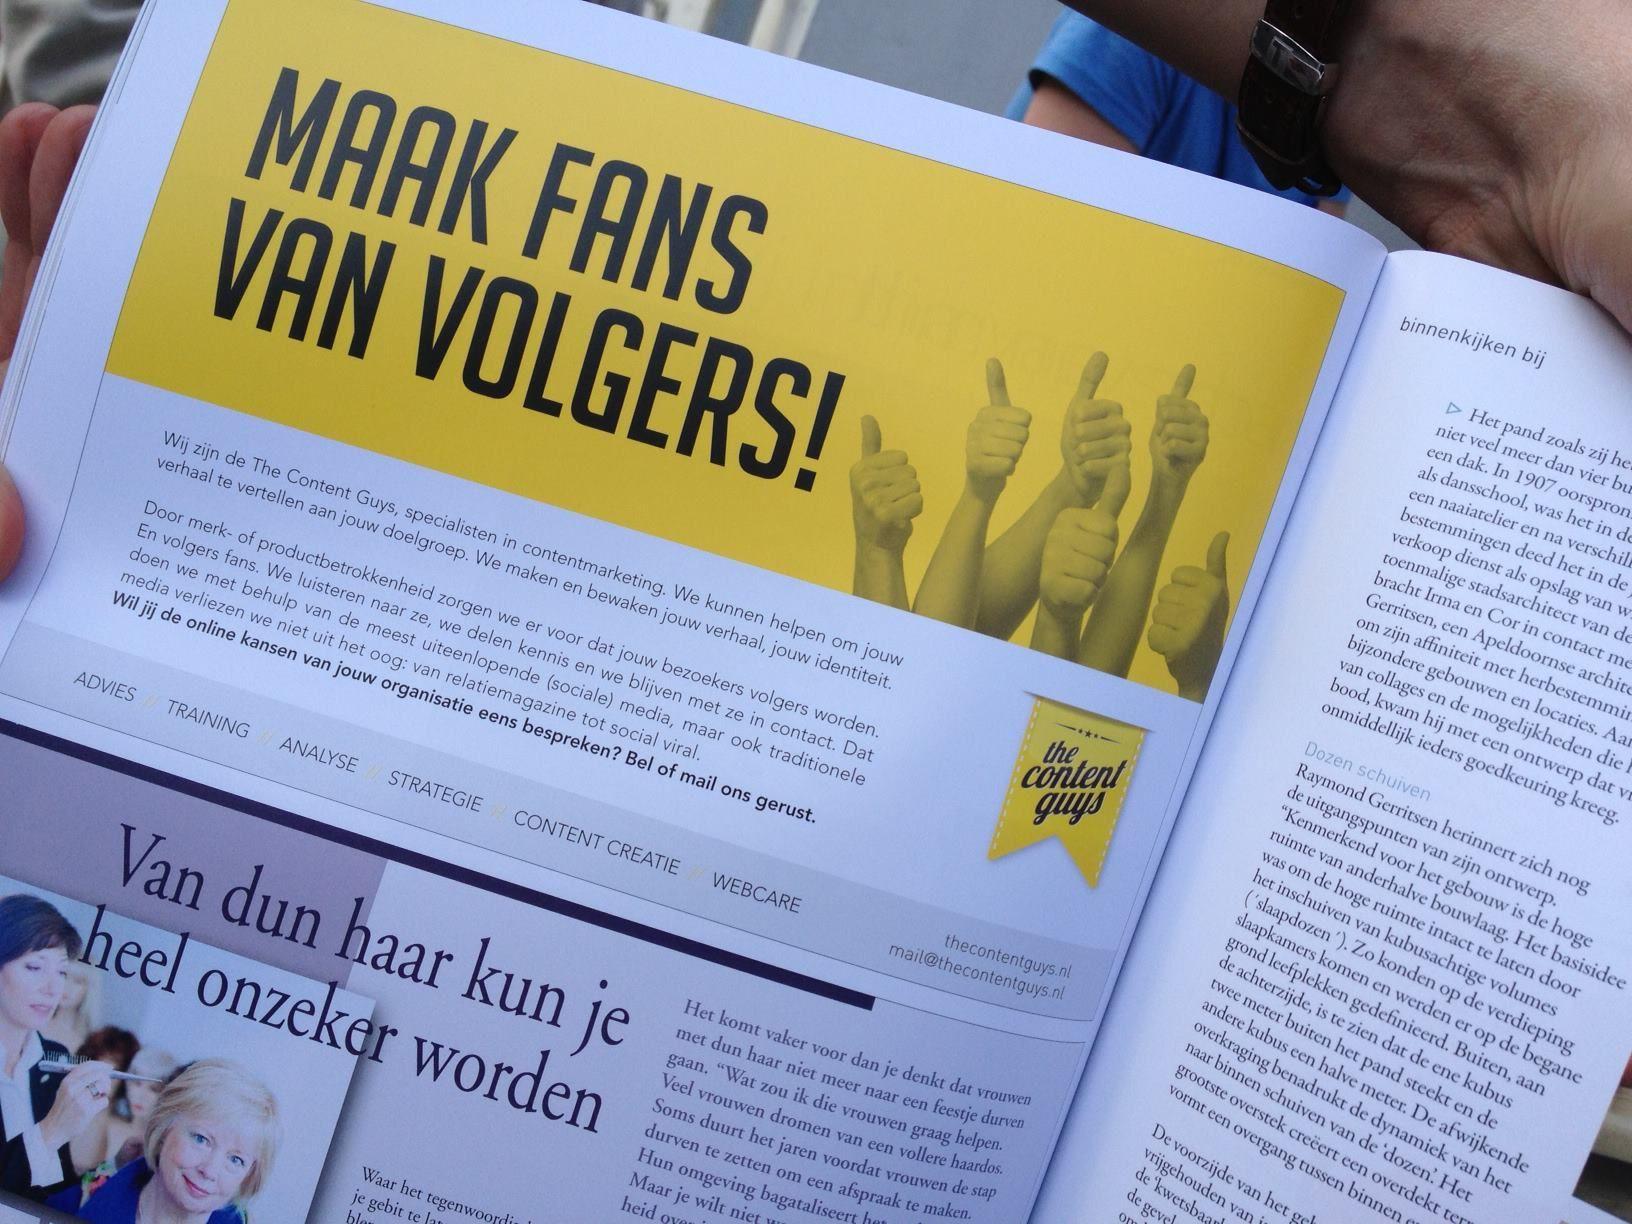 The Content Guys offline aanwezig in Eigen! Magazine!